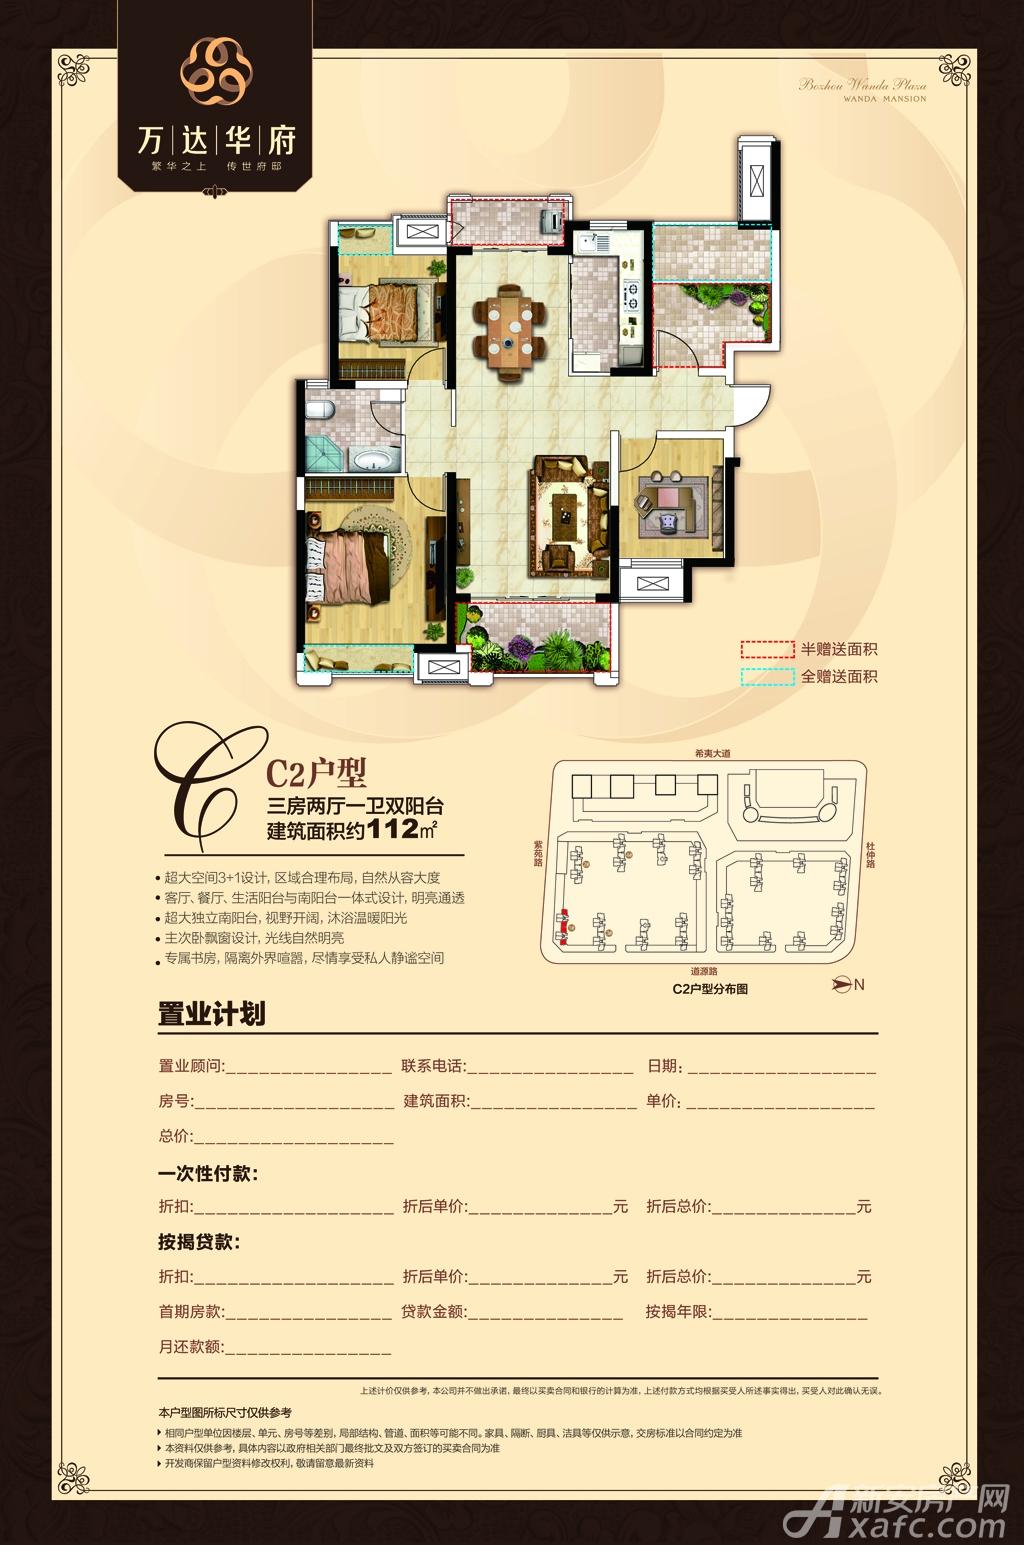 亳州万达广场C2户型3室2厅112平米